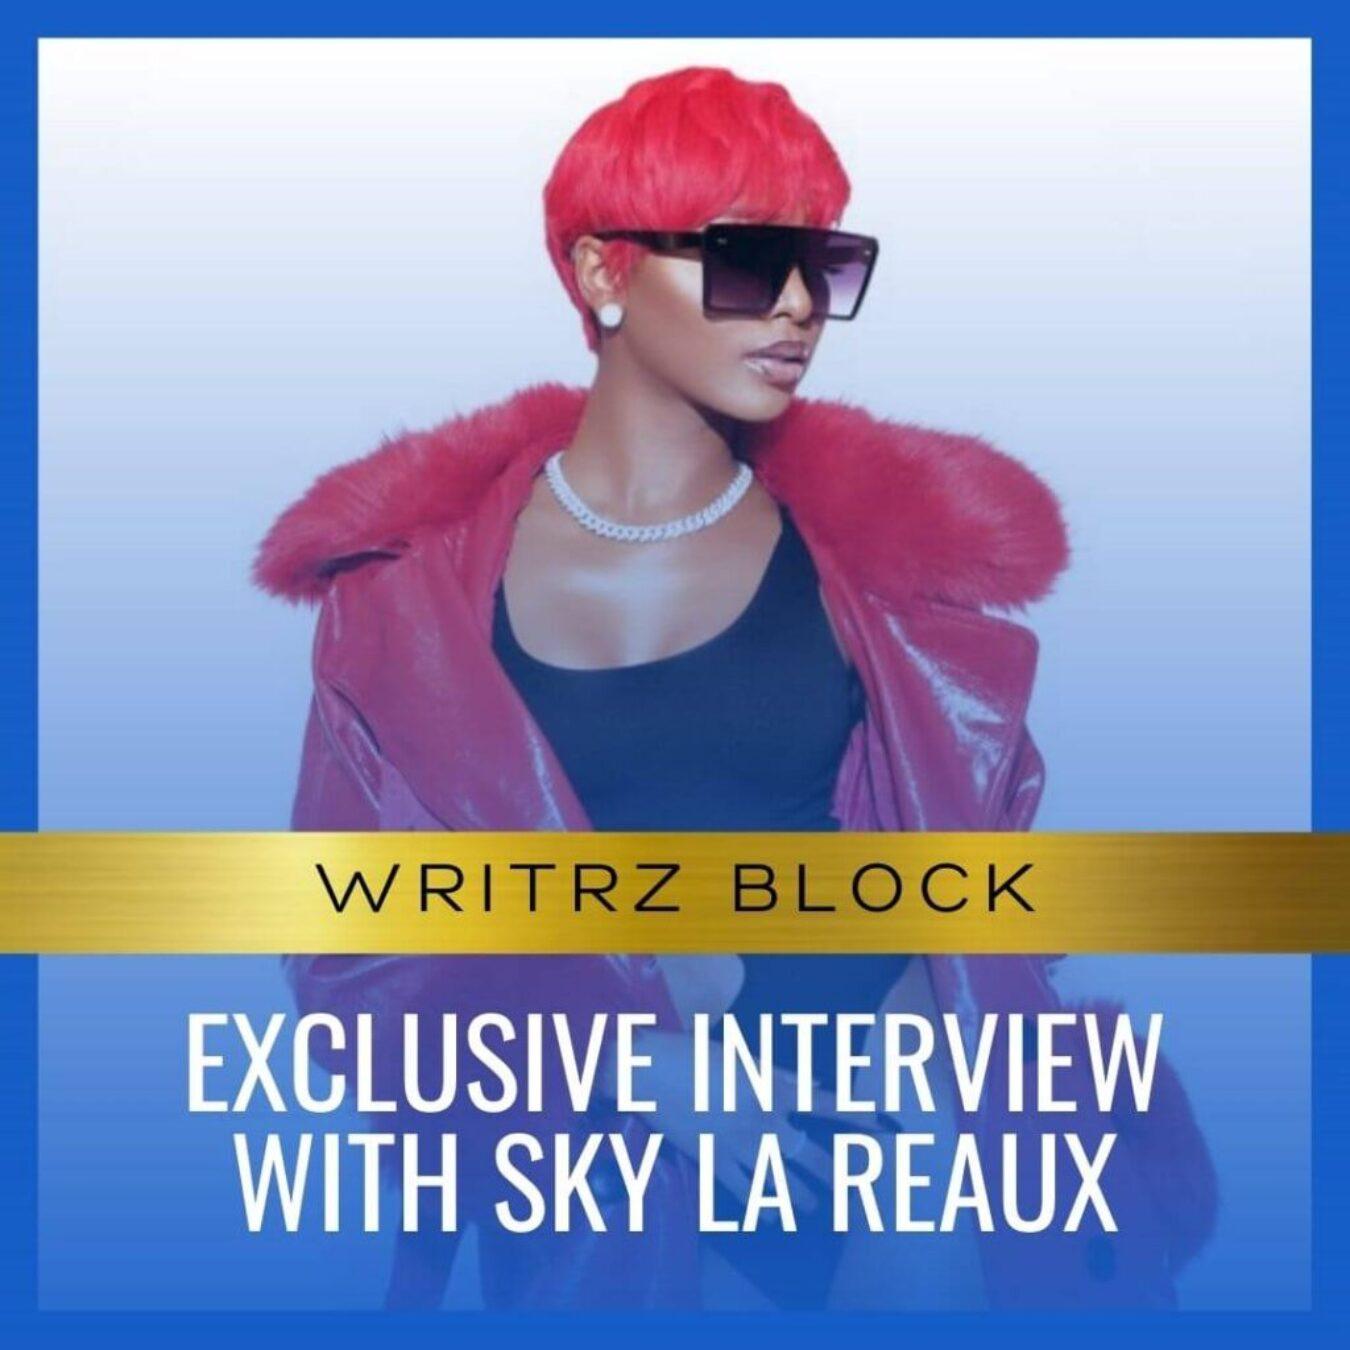 Exclusive Interview With Sky La Reaux-6-2